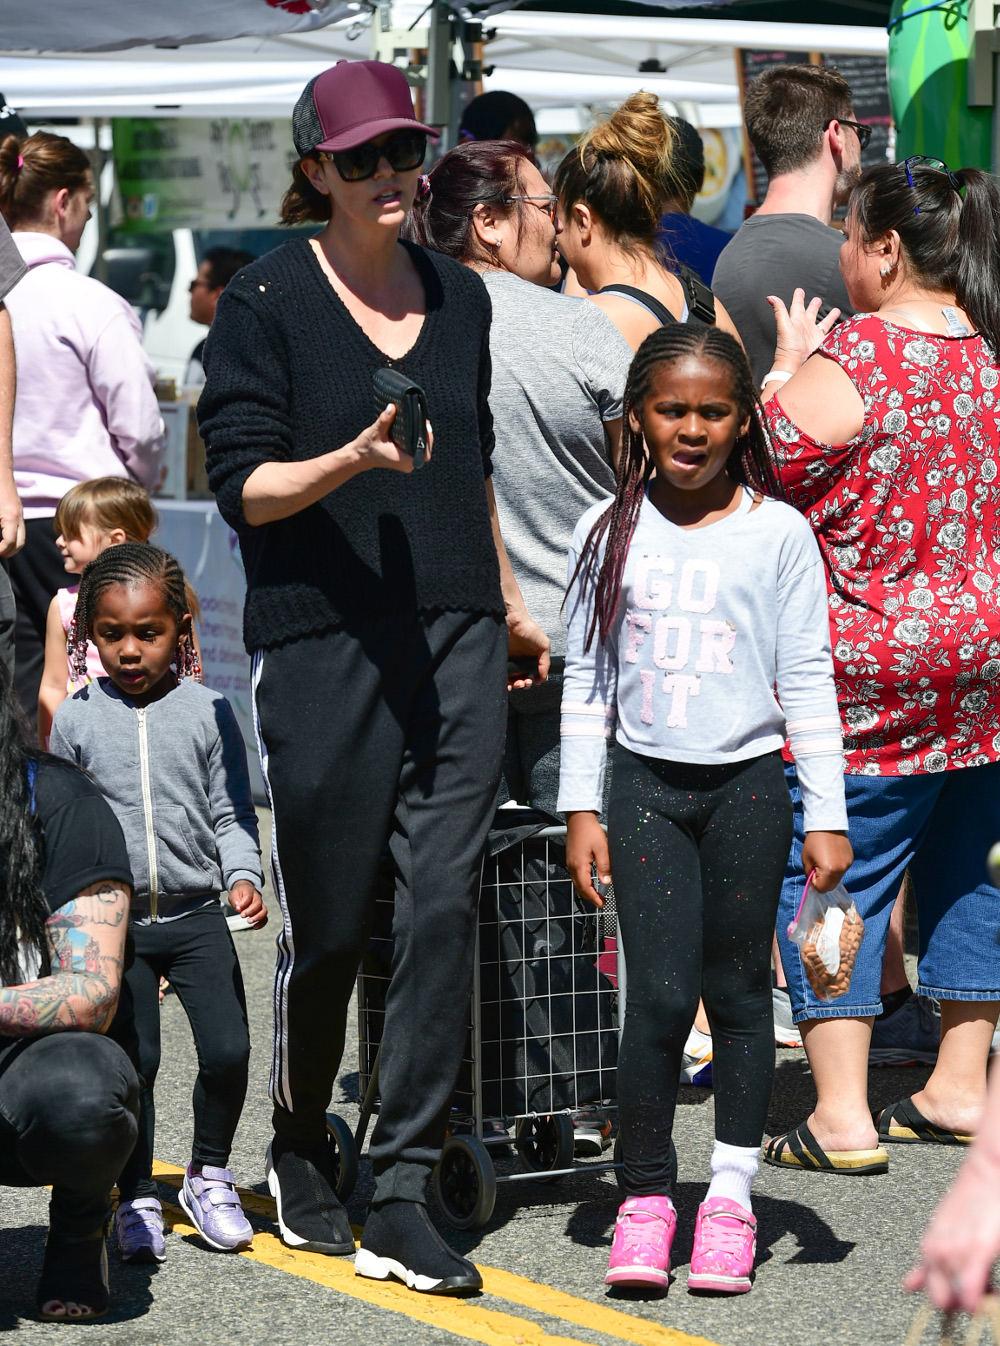 Η Σαρλίζ Θερόν με τα παιδιά της, Τζάκσον με κοριτσίστικα ρούχα και μακριά μαλλιά και την 3χρονη Όγκοστ